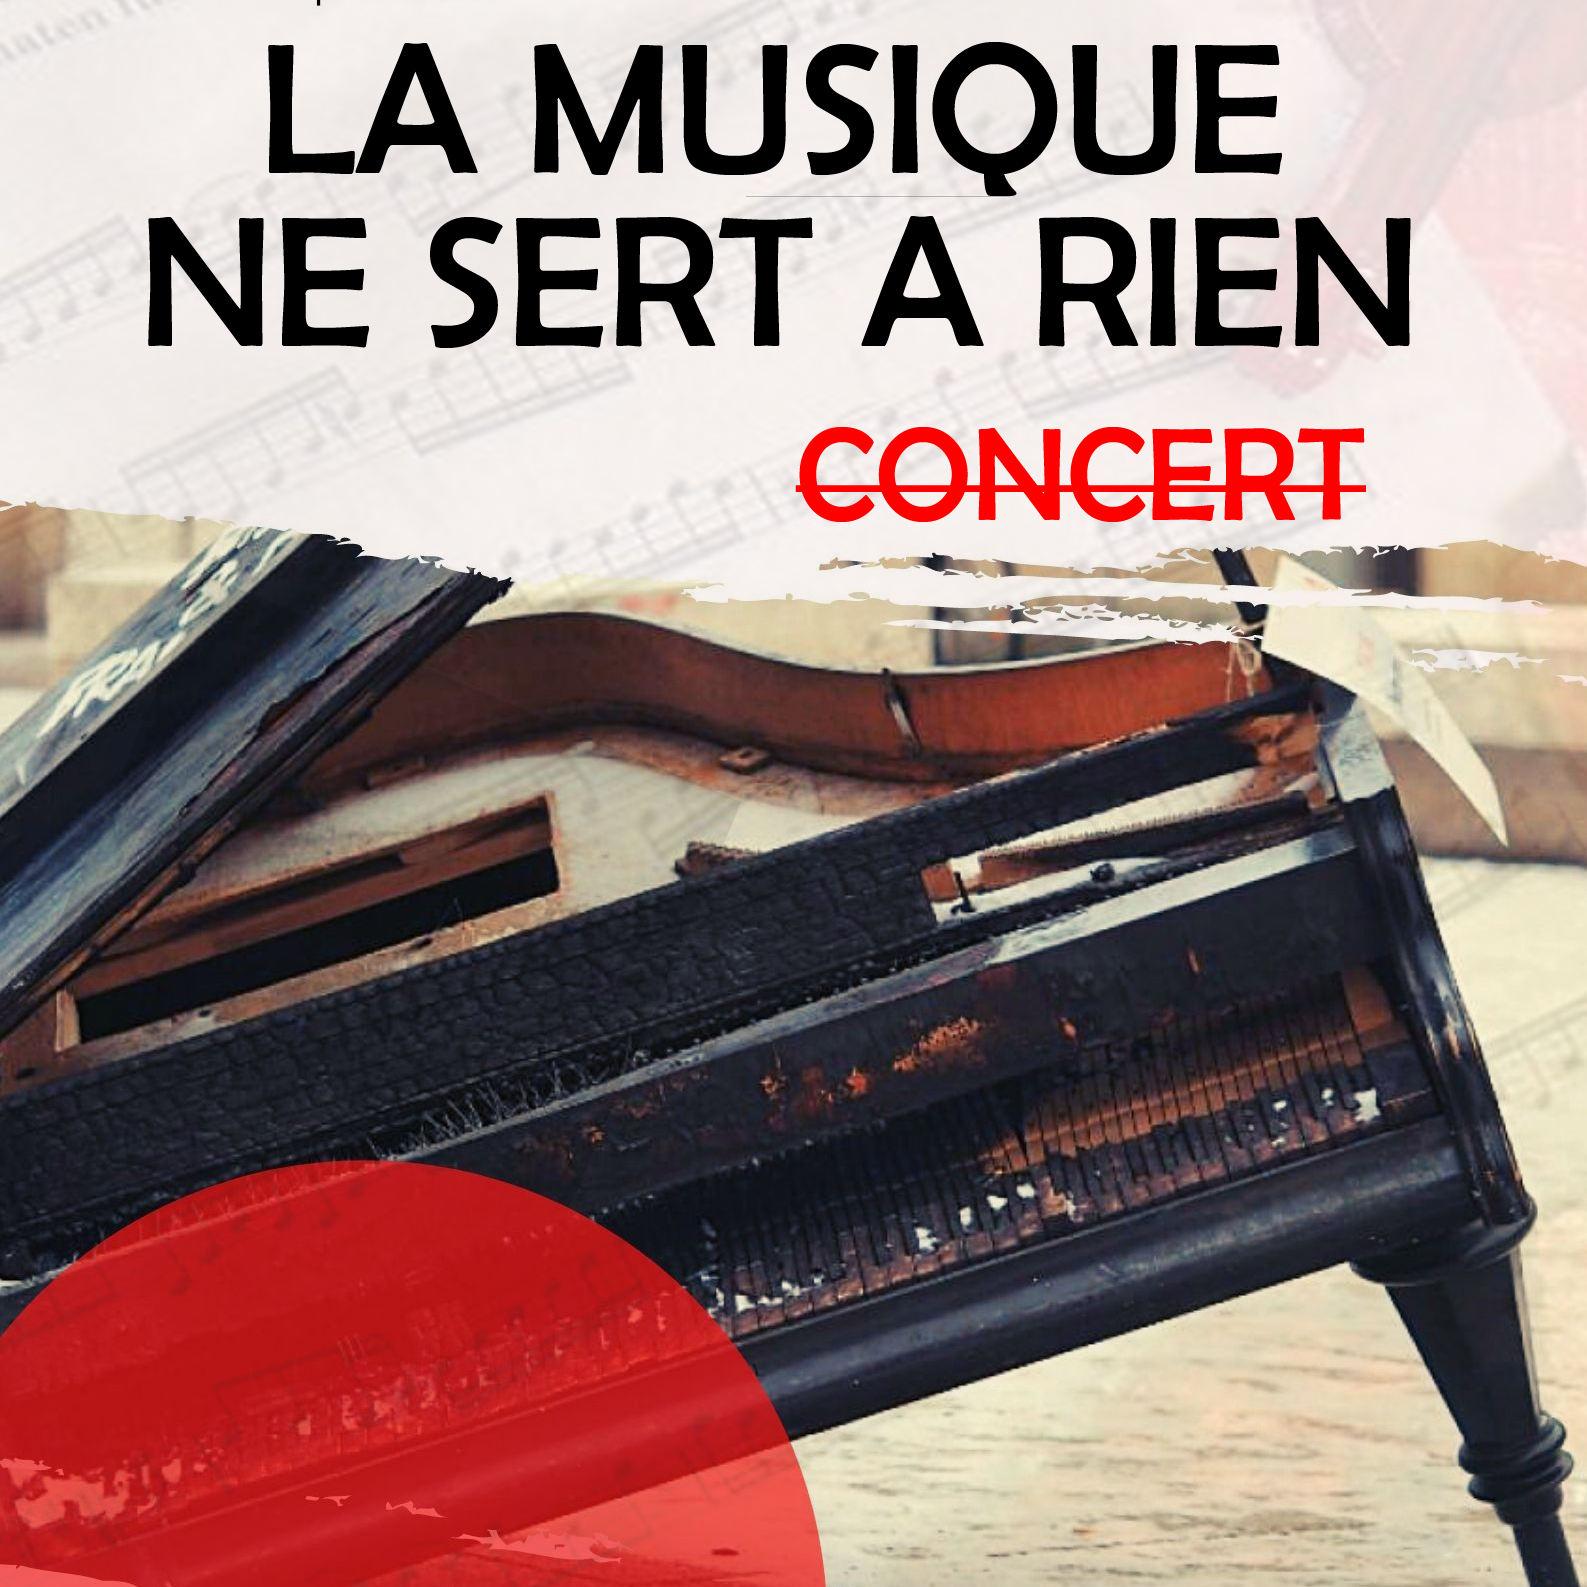 La musique ne sert à rien - Concert